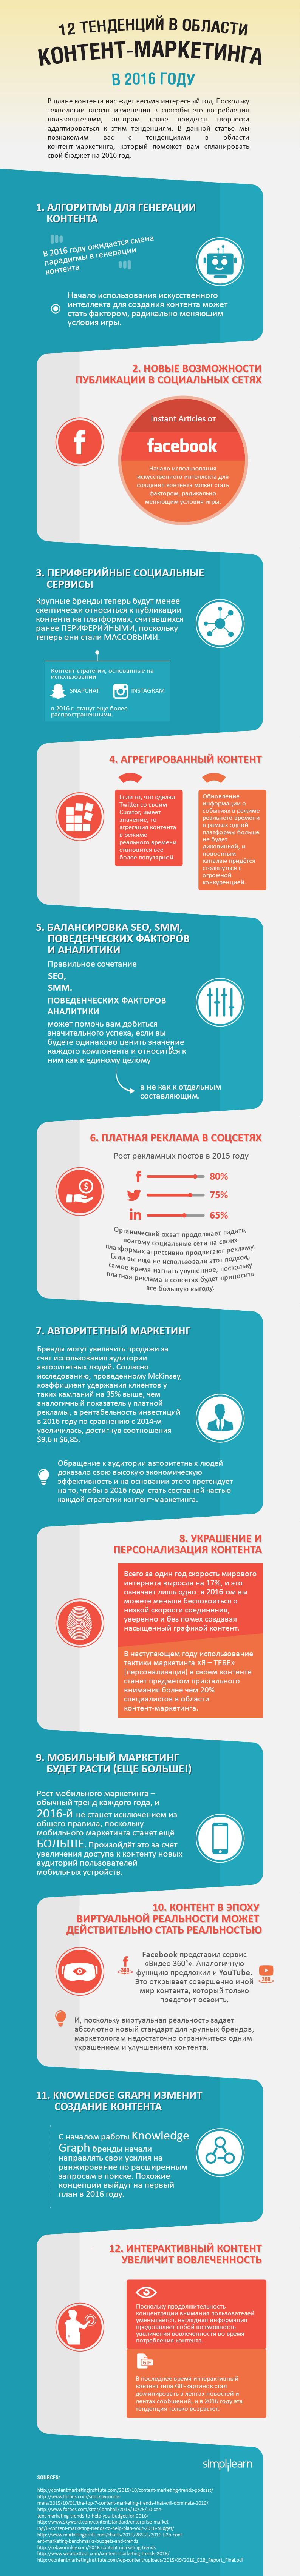 Инфографик Контент маркетинг 2016